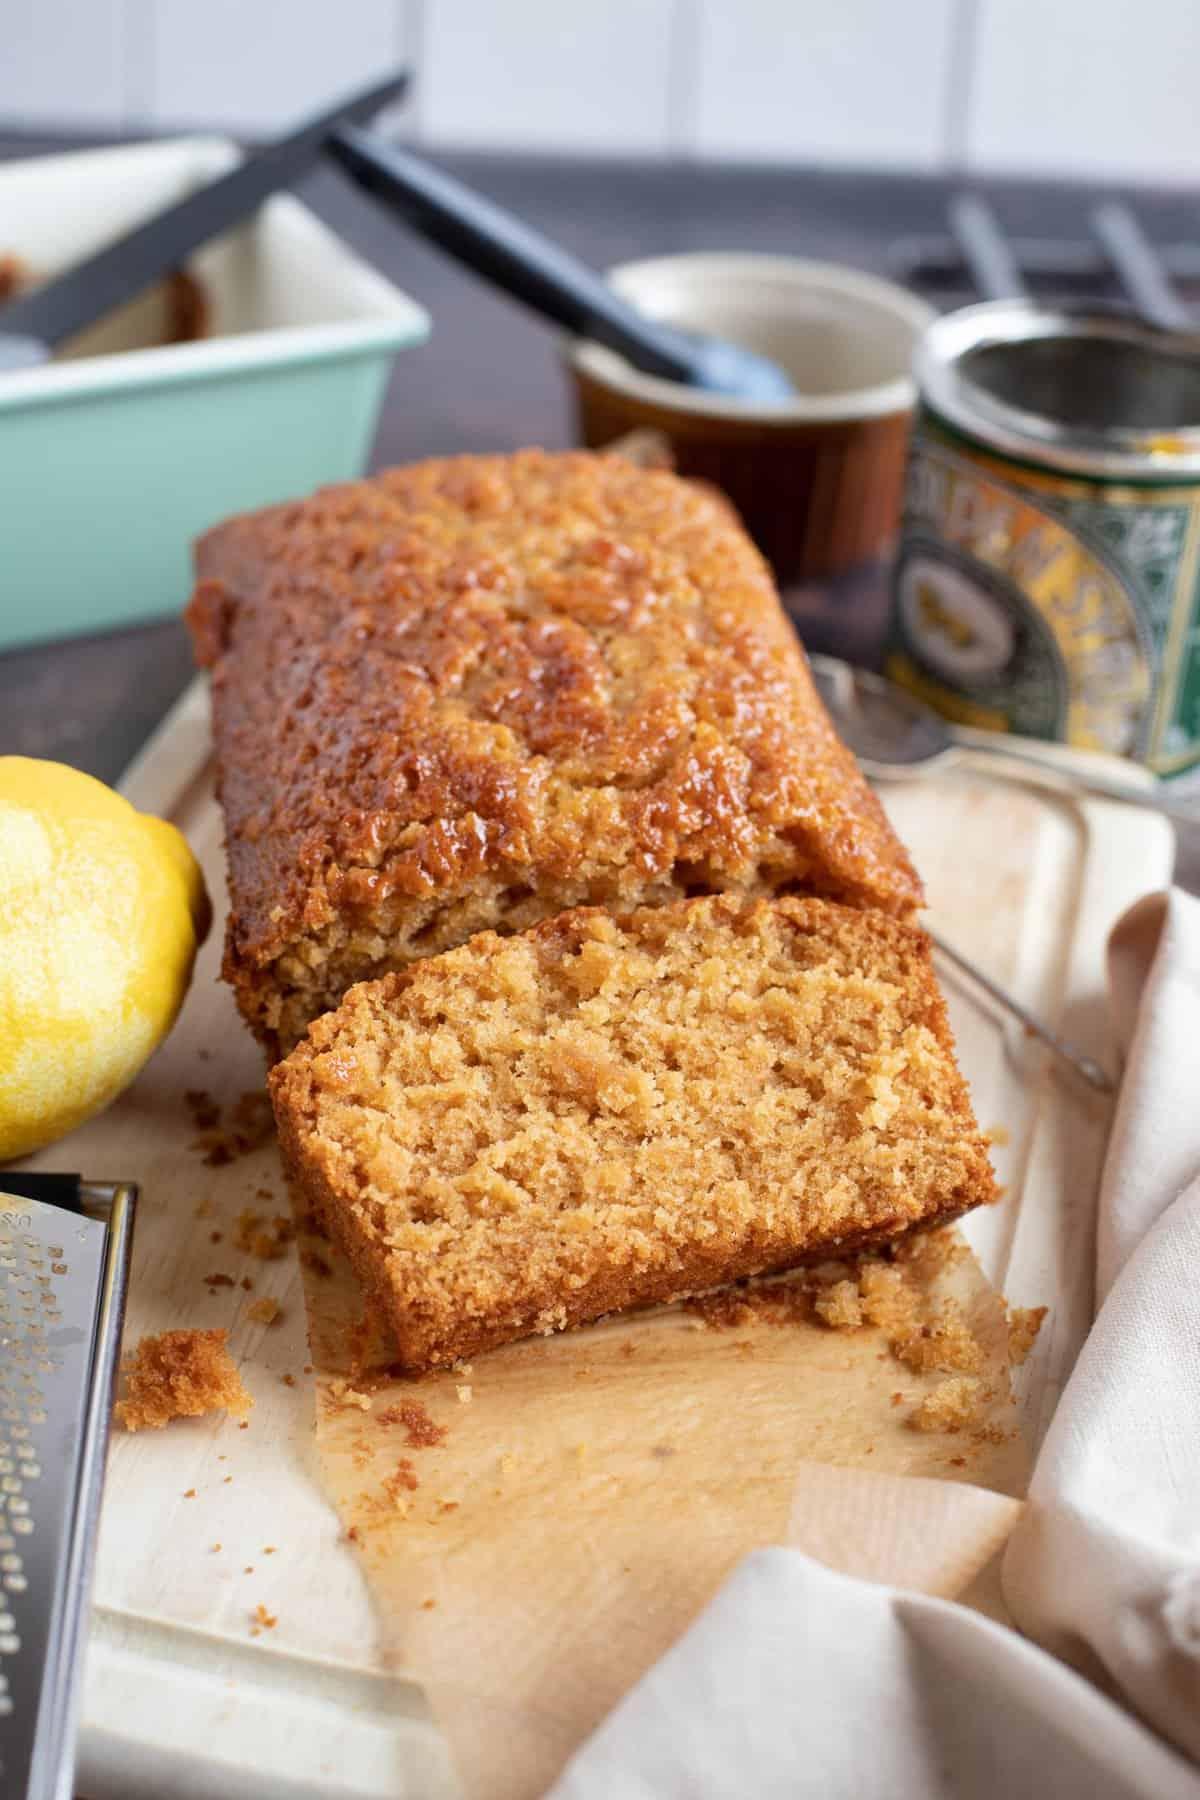 A slice of golden syrup and lemon loaf cake.